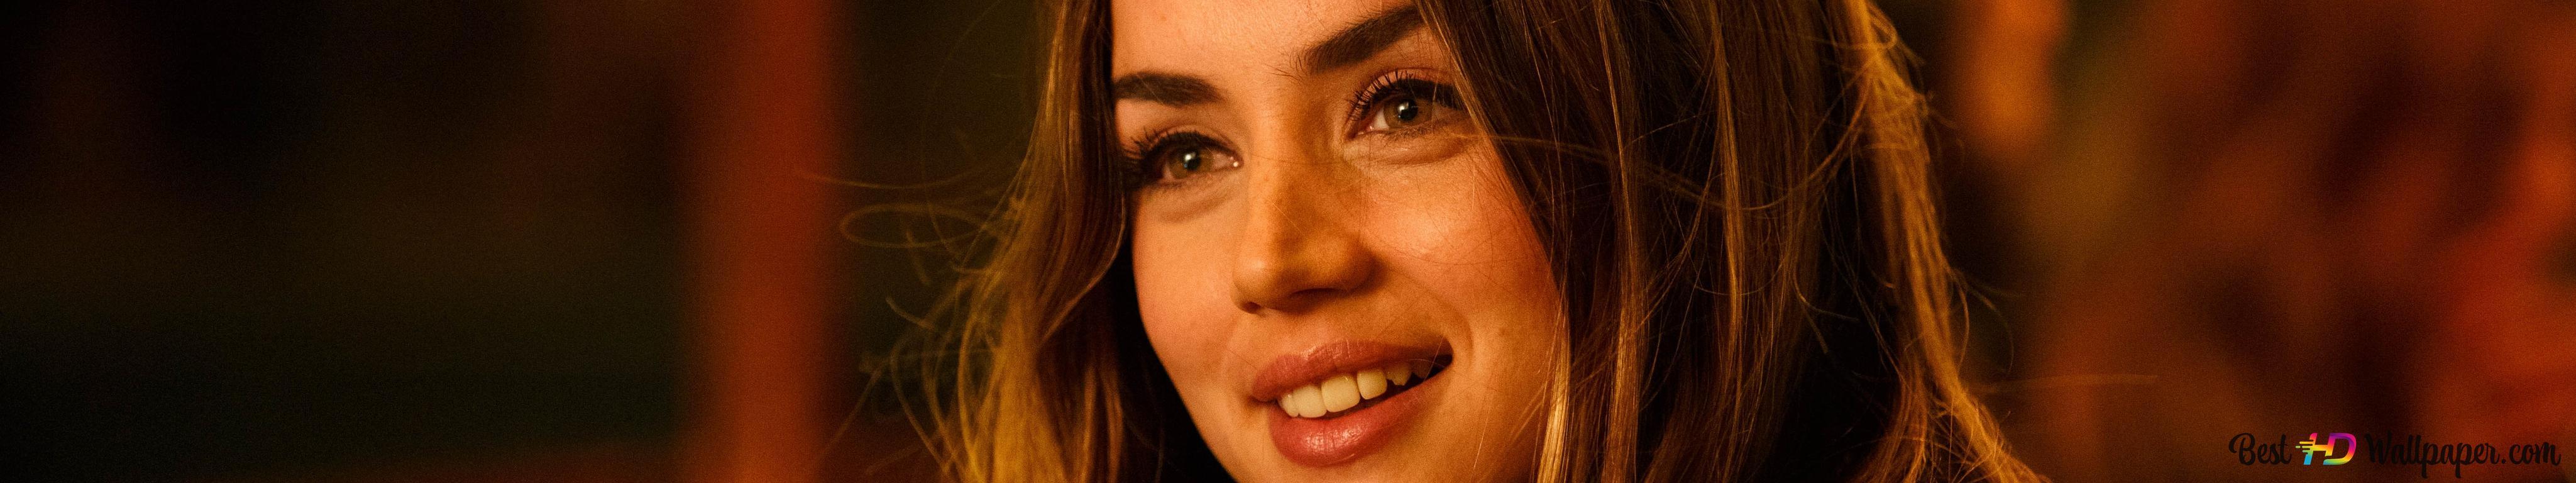 Model Ana De Armas Hd Wallpaper Download